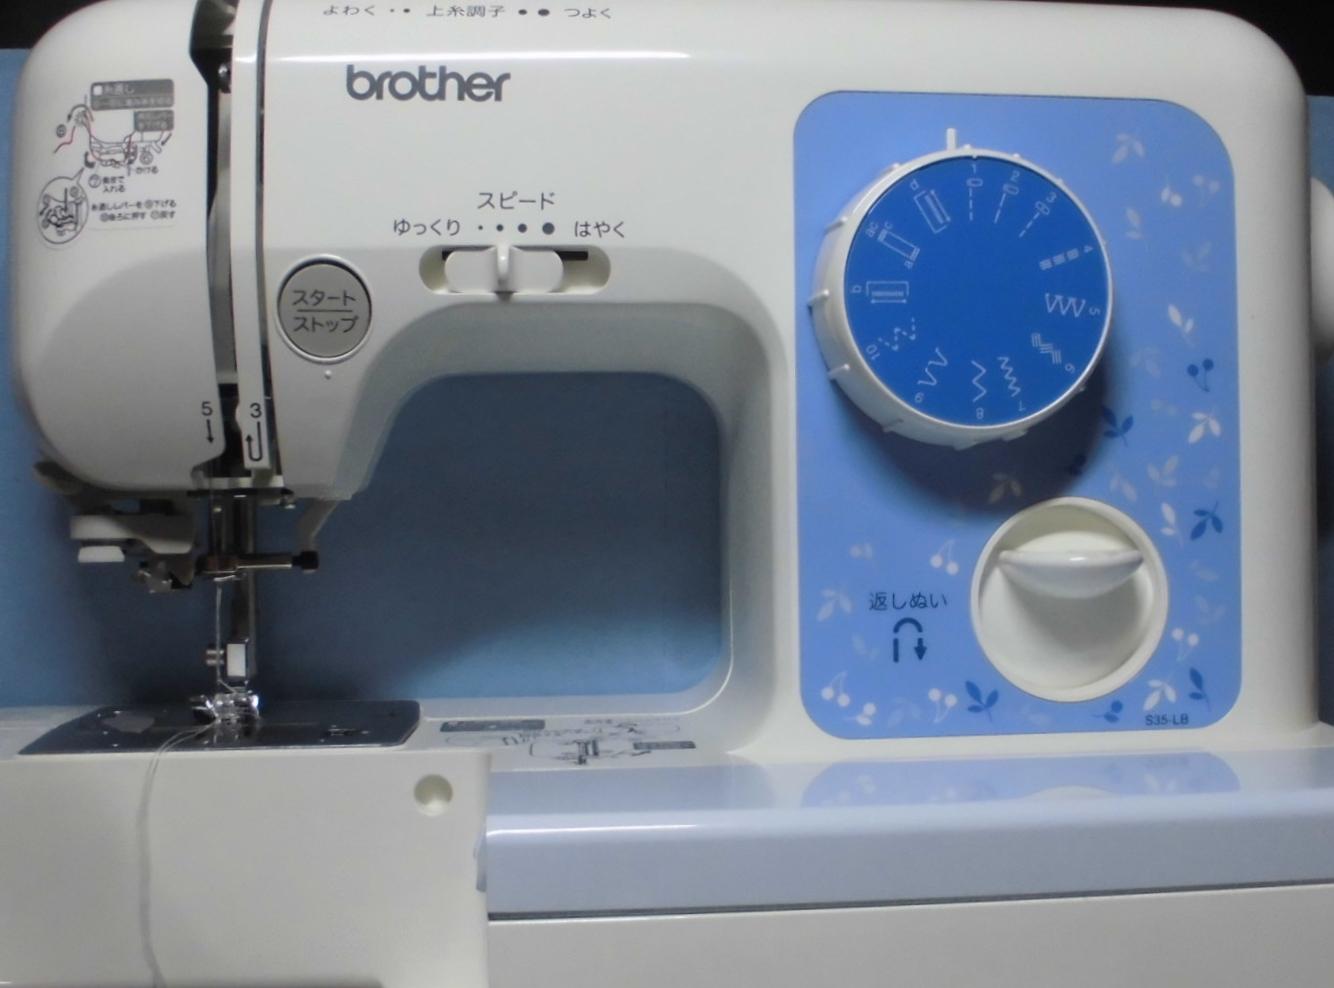 ブラザーミシン修理|S35-LB|針棒がぐらぐらする、縫えない、針が布を貫通しない